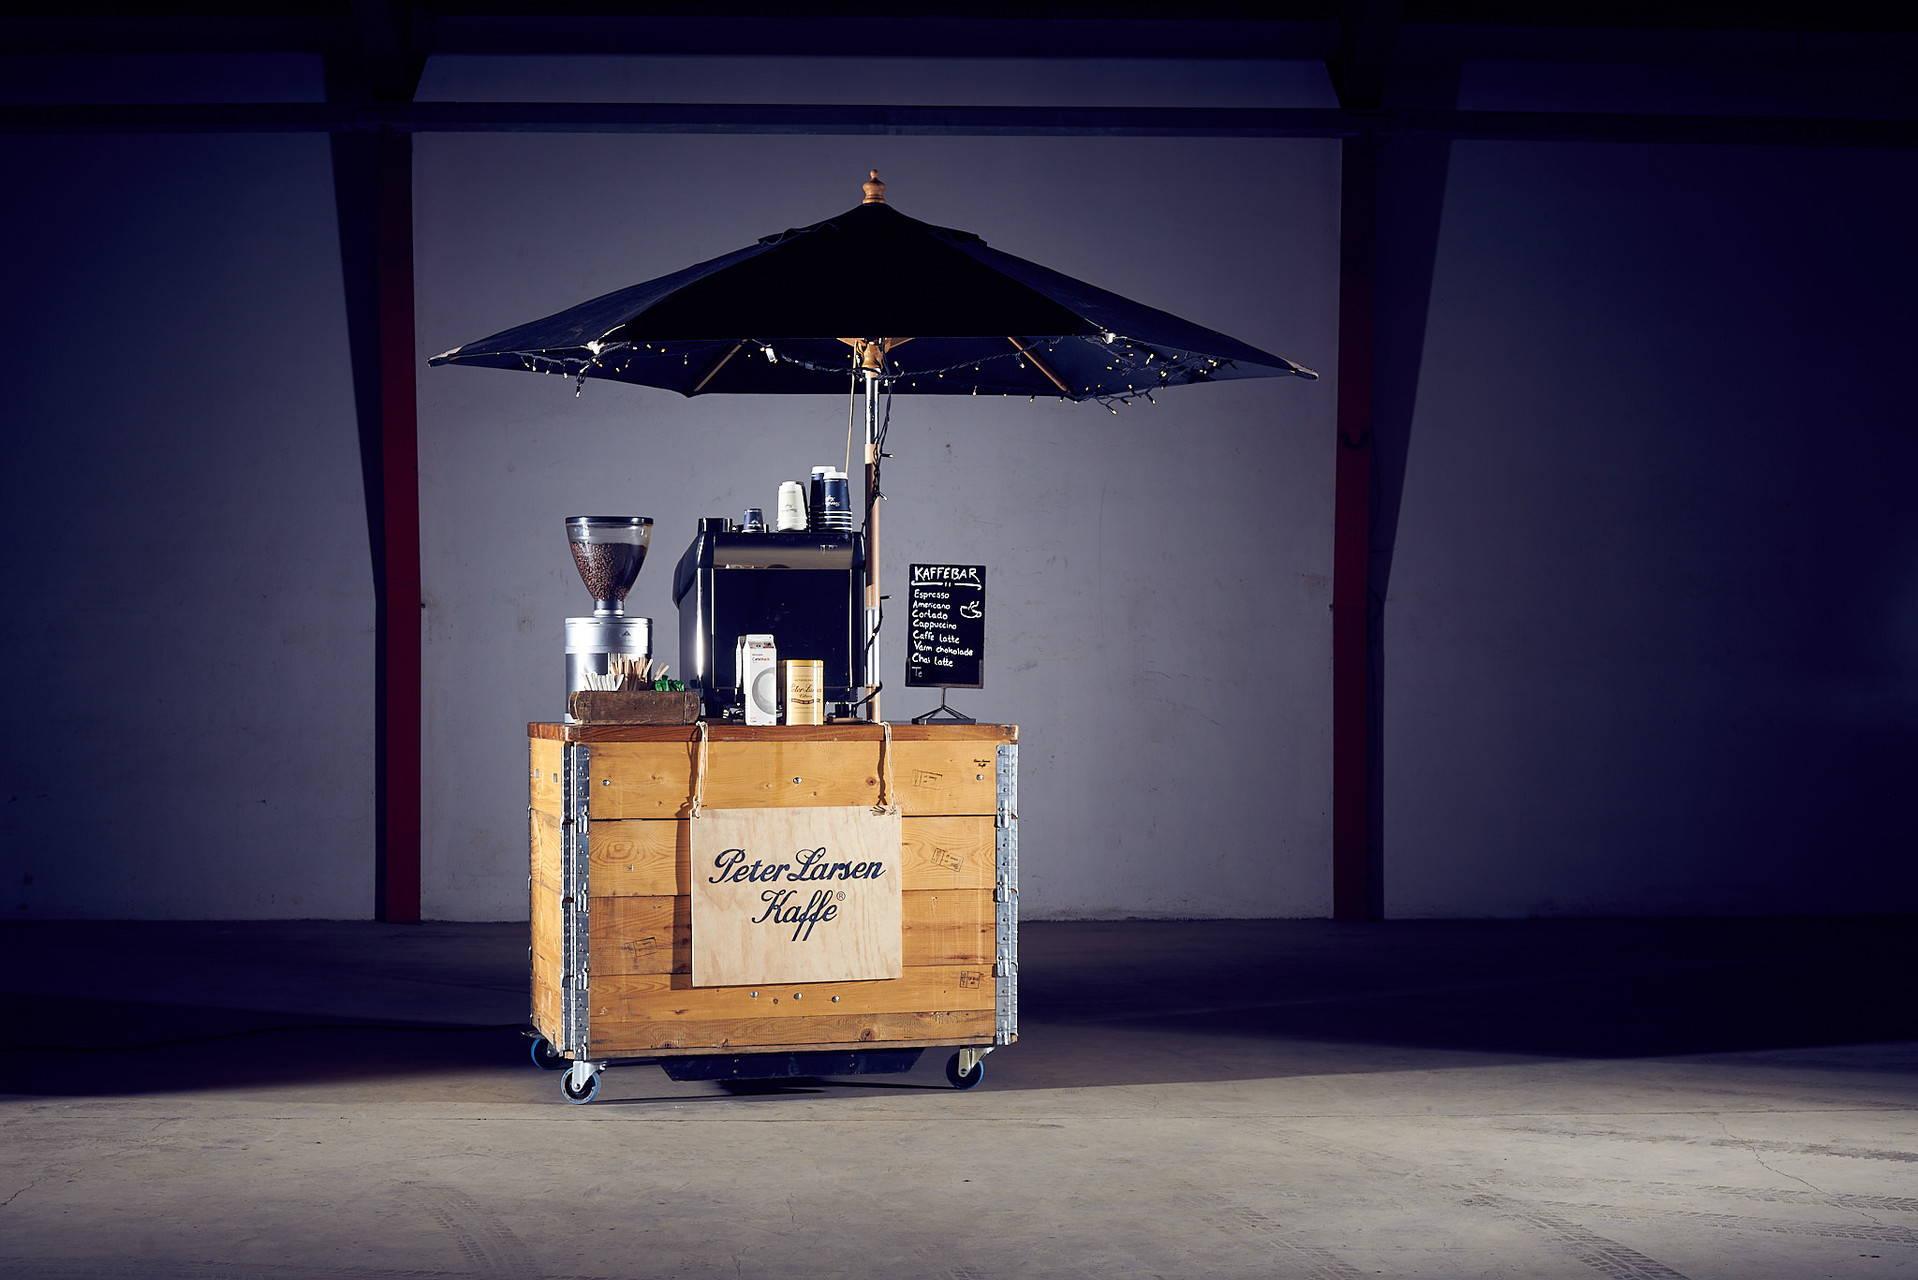 Palleramme kaffebar